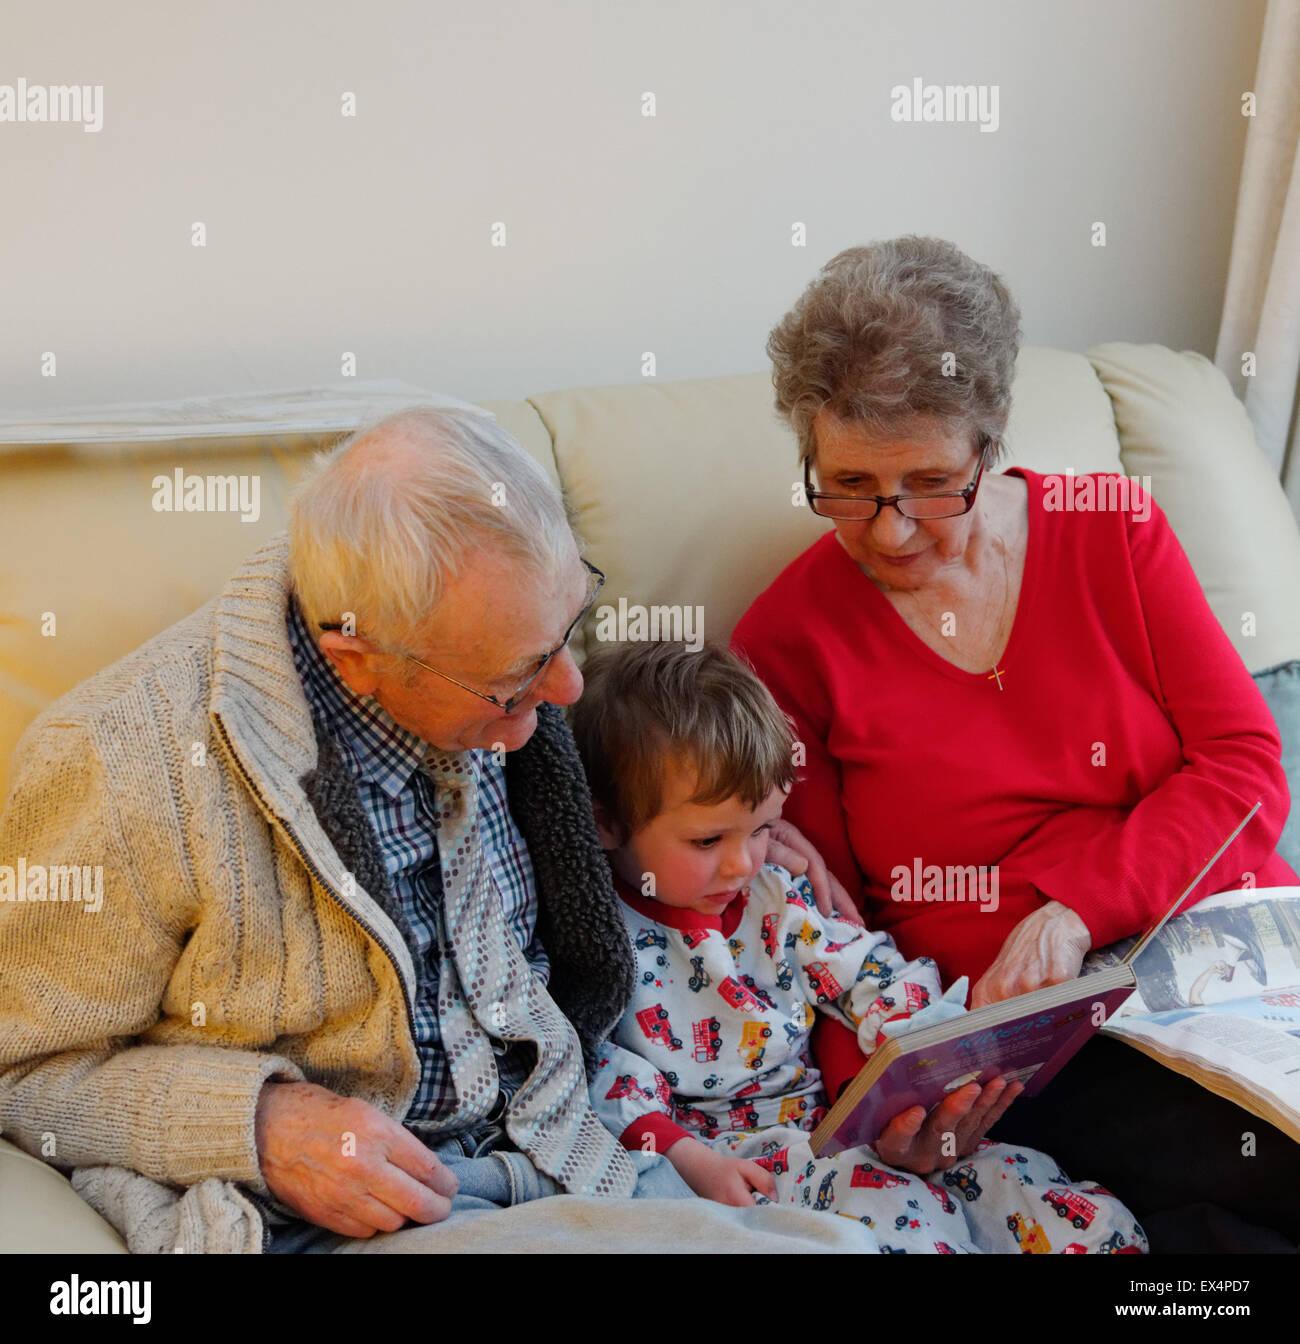 Un niño pequeño (3 años) en pijama tiene un cuento con sus abuelos Imagen De Stock